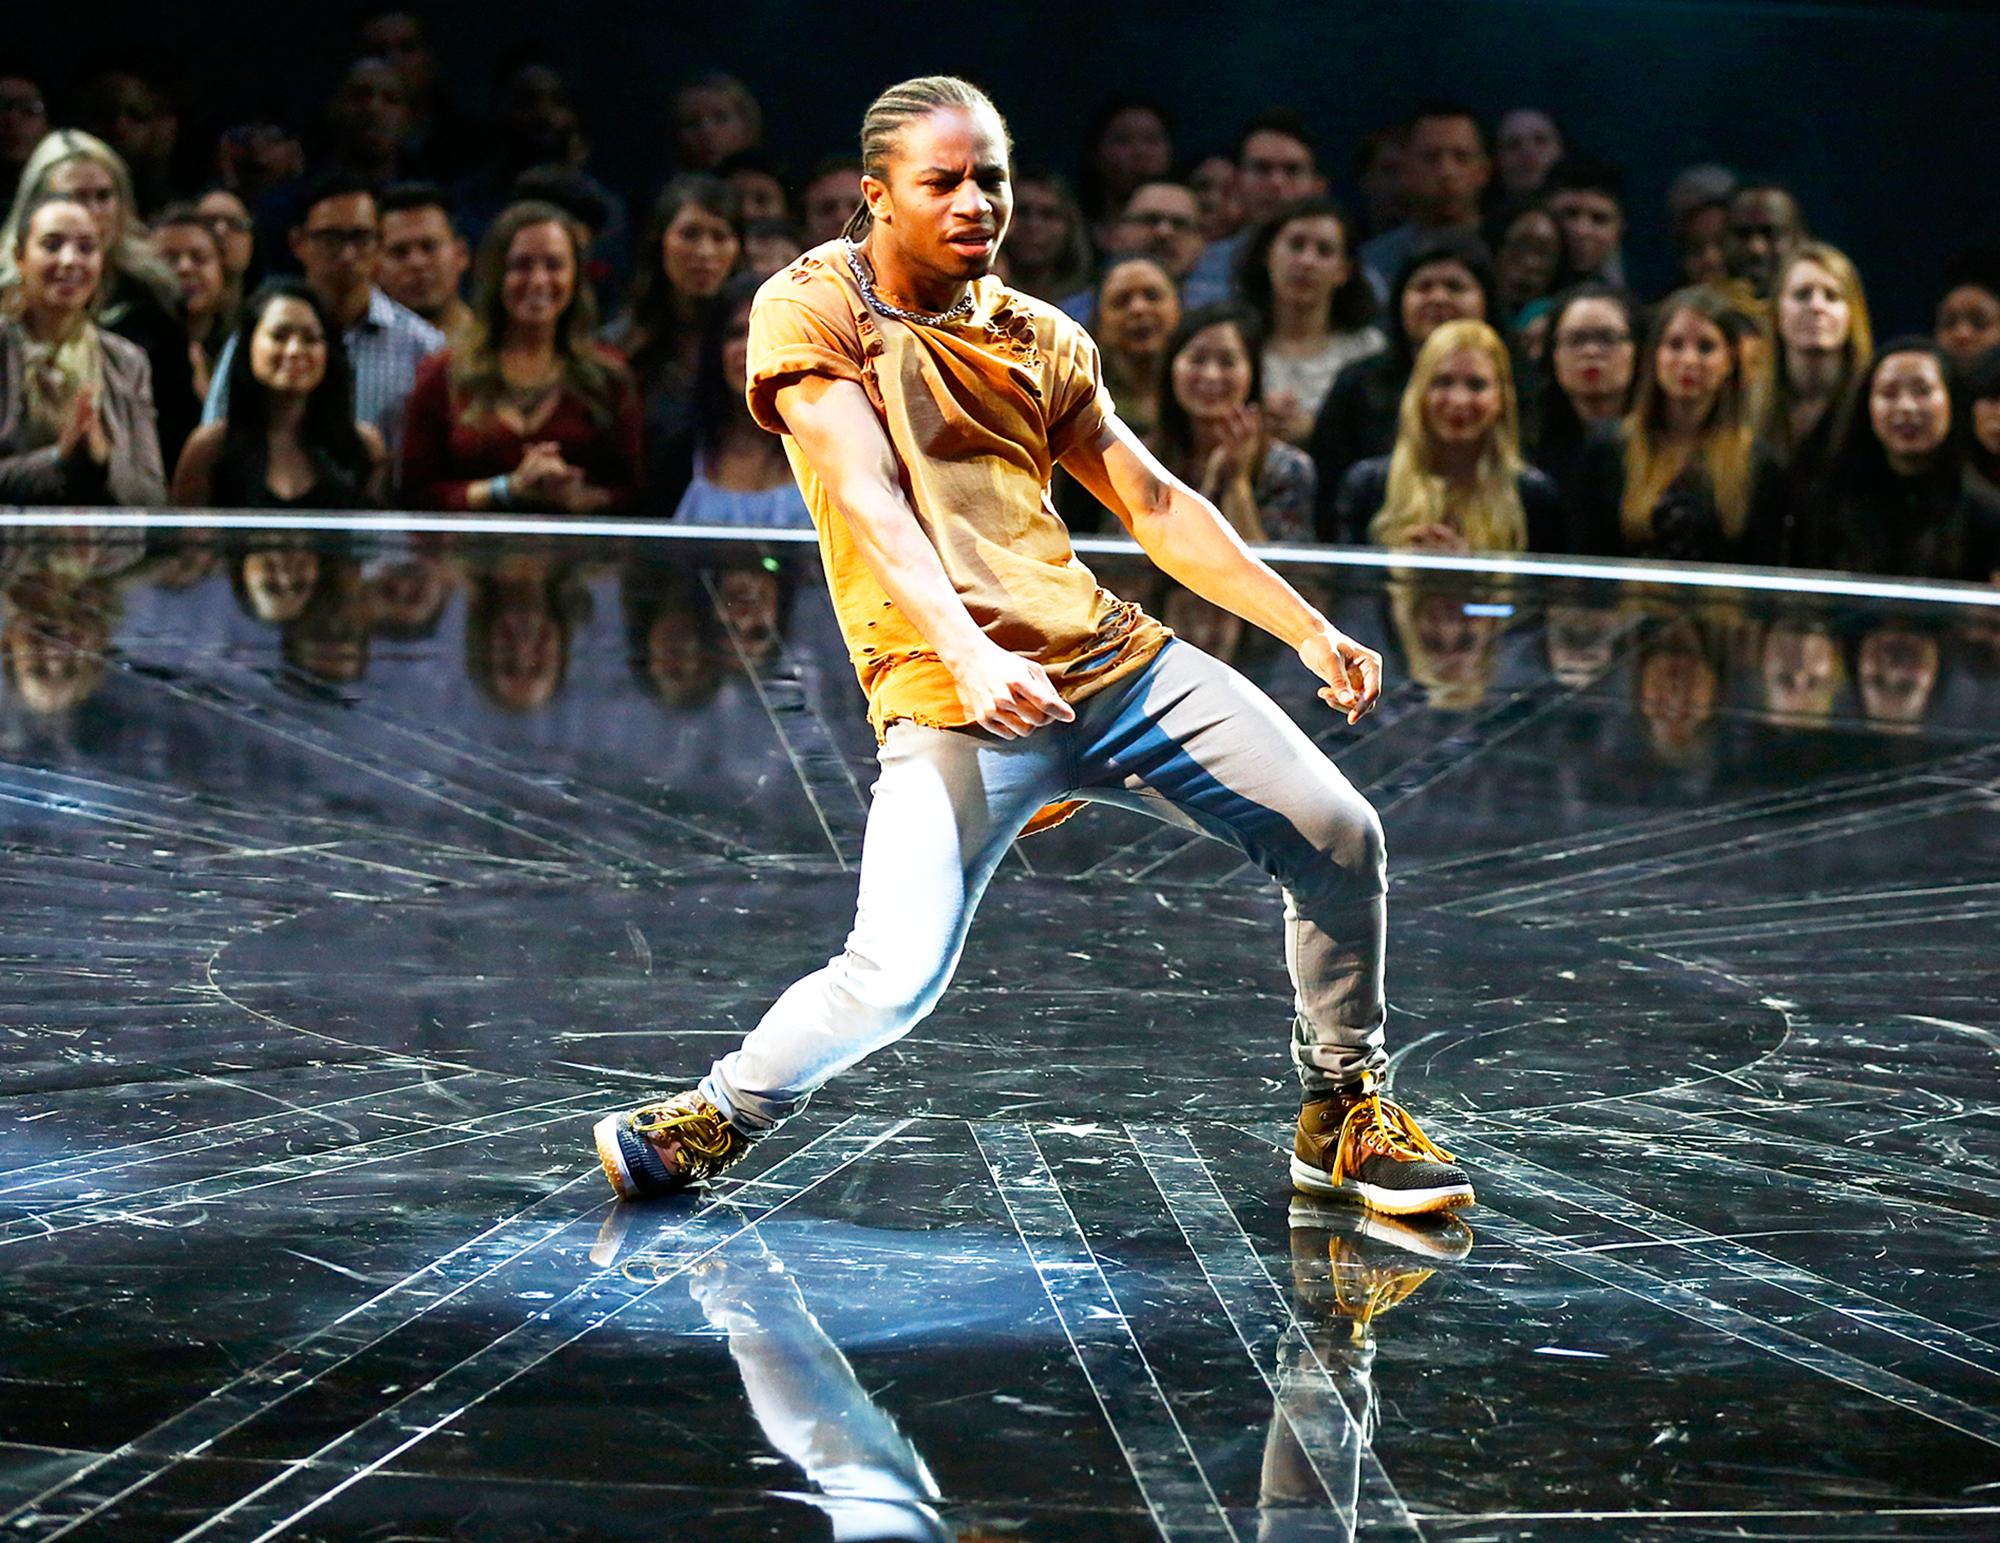 Fik-Shun World of Dance